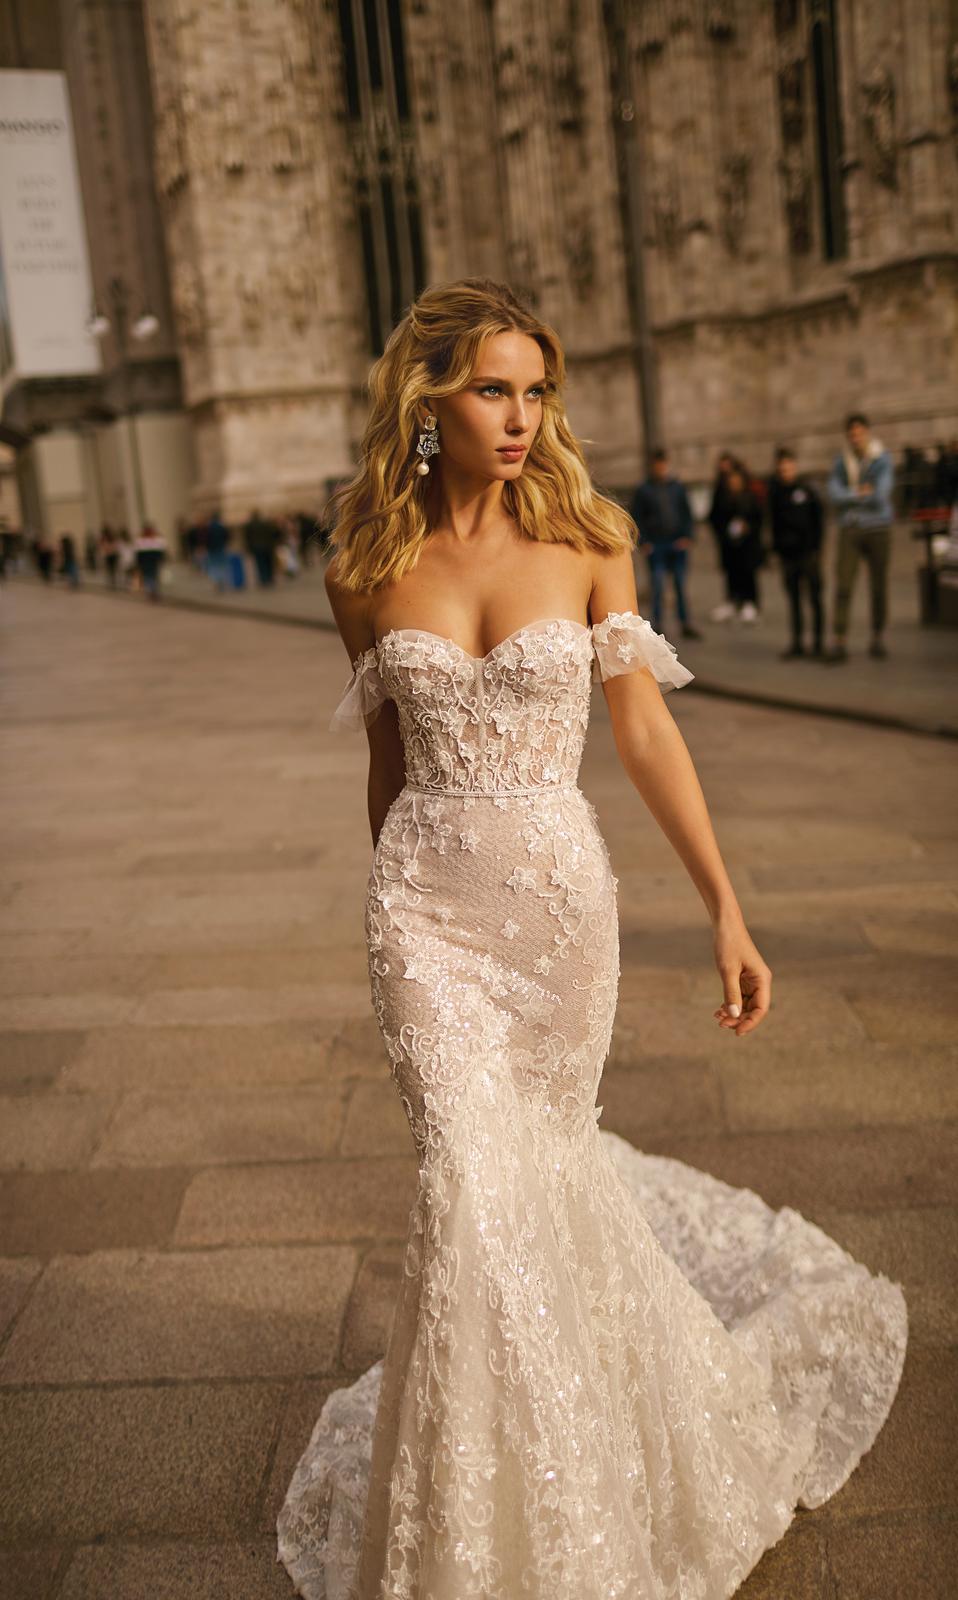 Svadobné šaty jar/leto 2020 BERTA Miláno - Obrázok č. 31